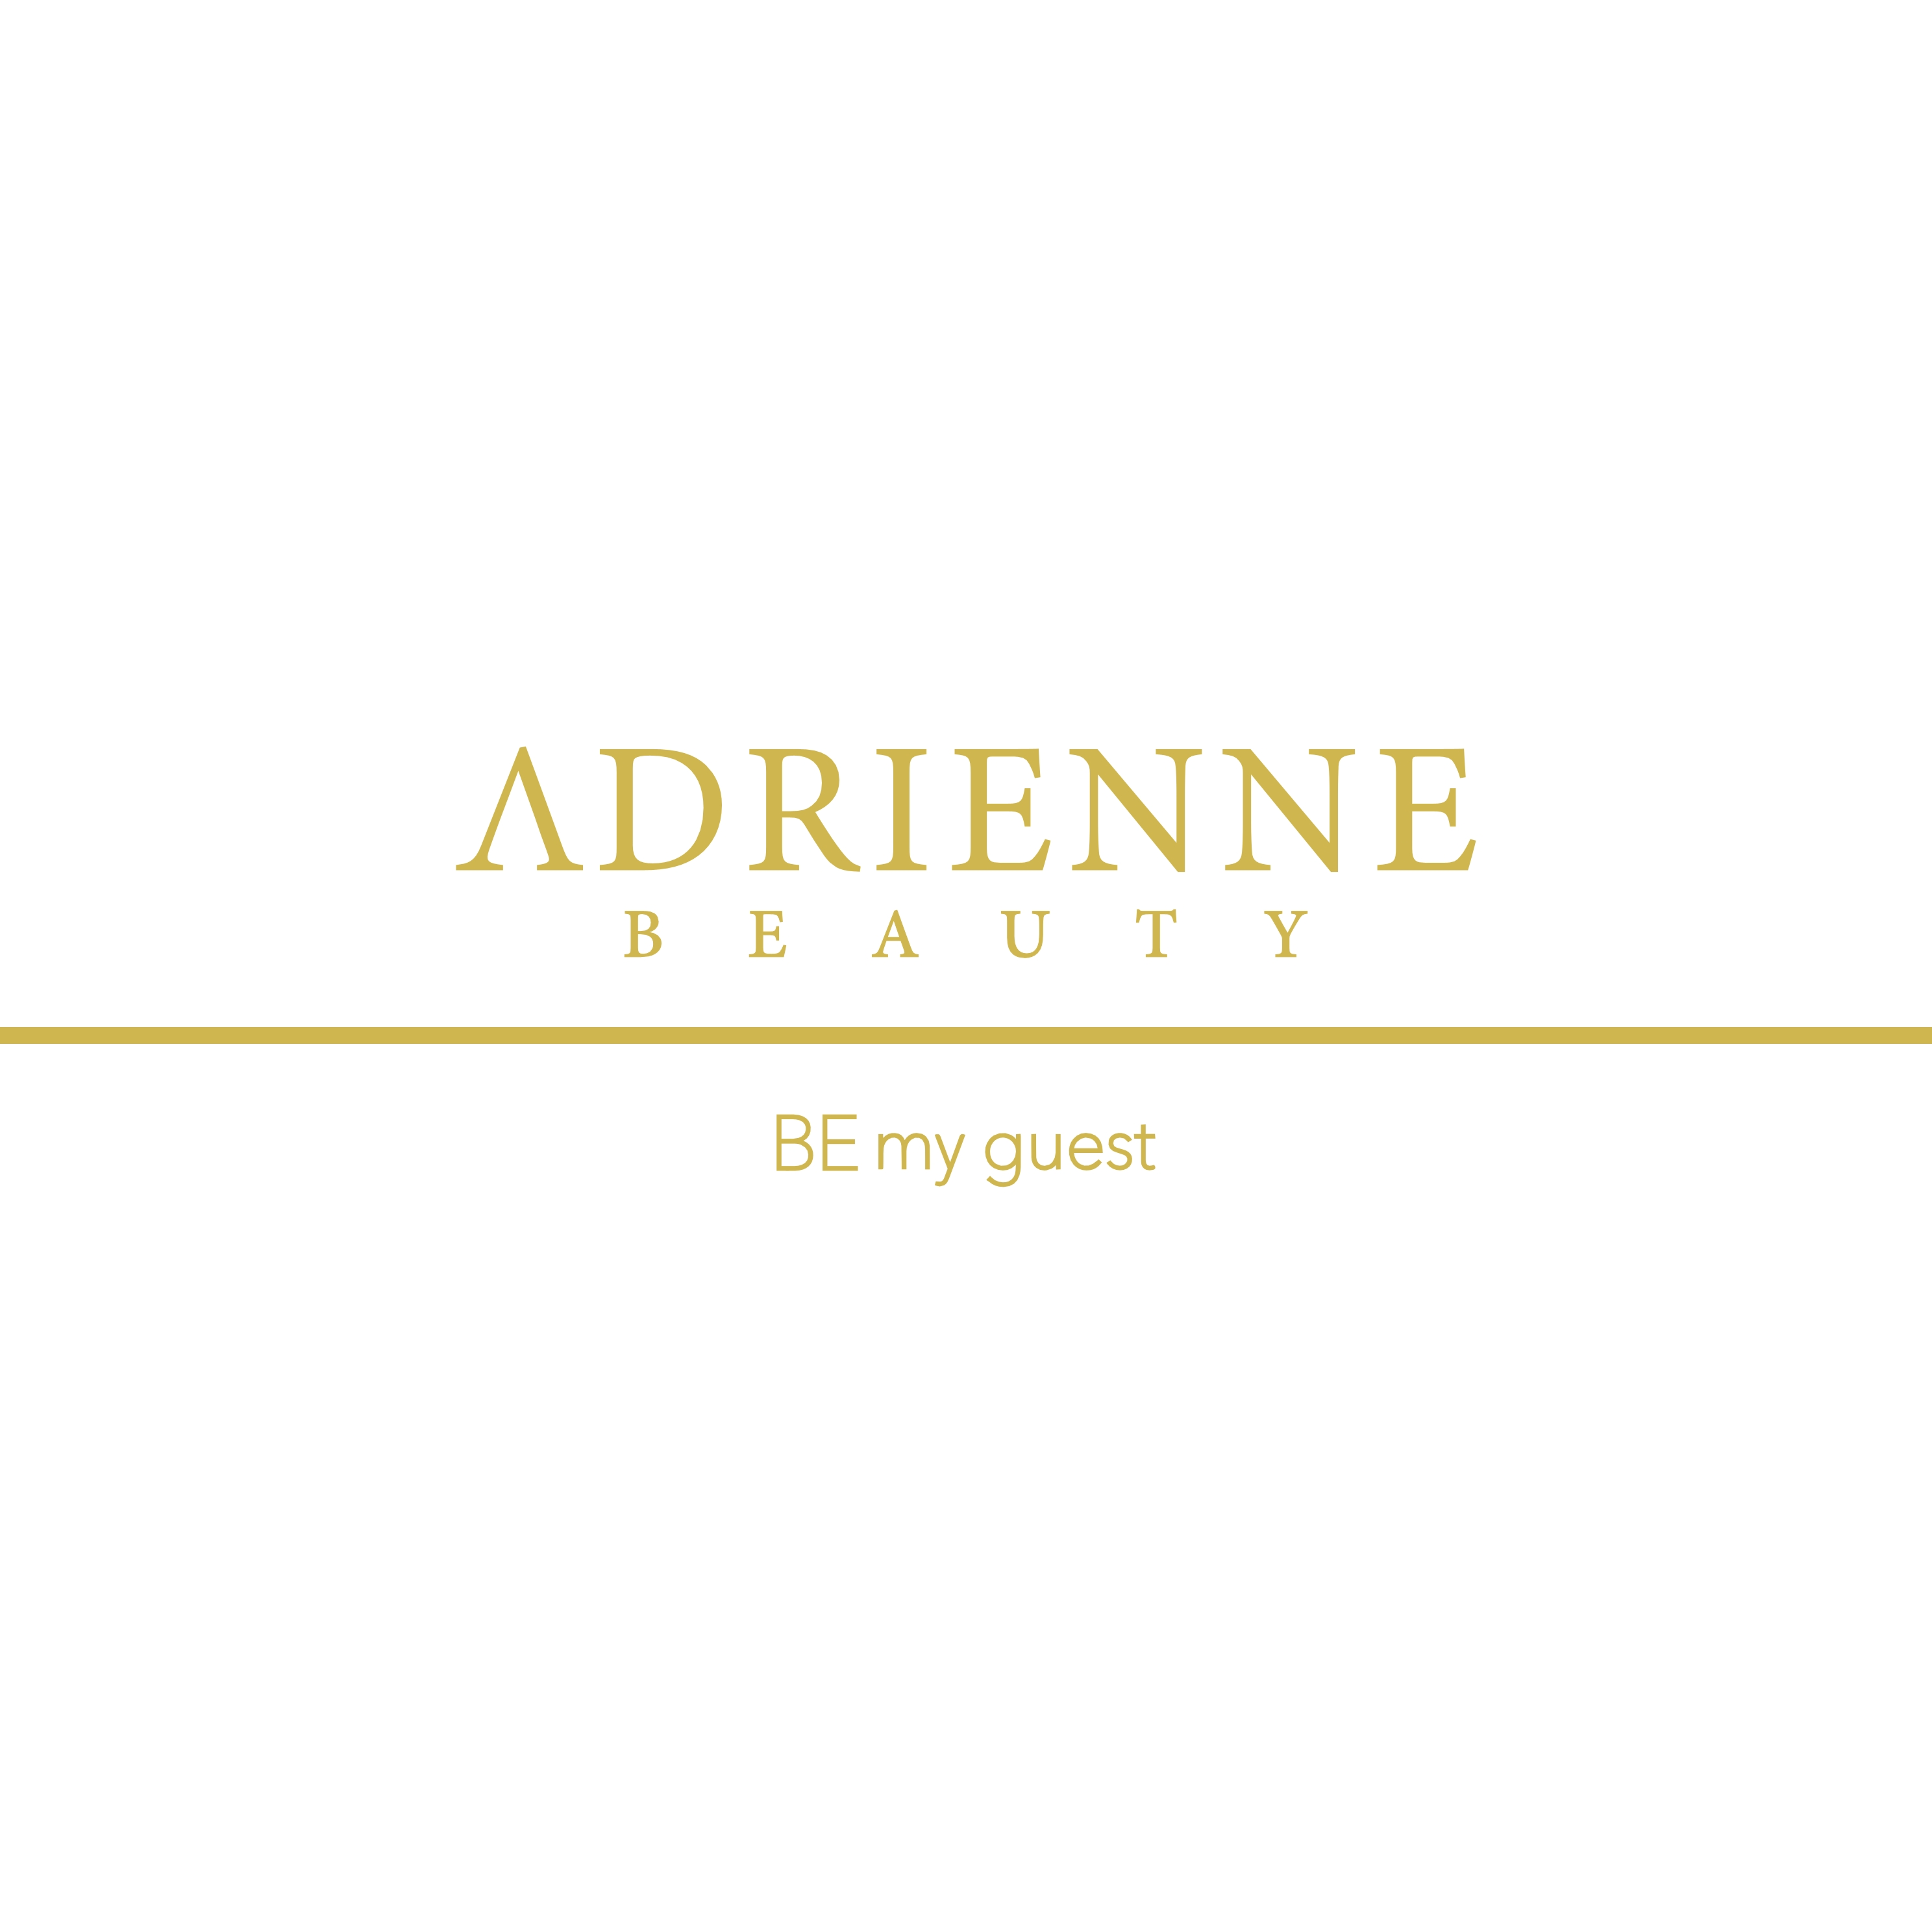 Adrienne Beauty